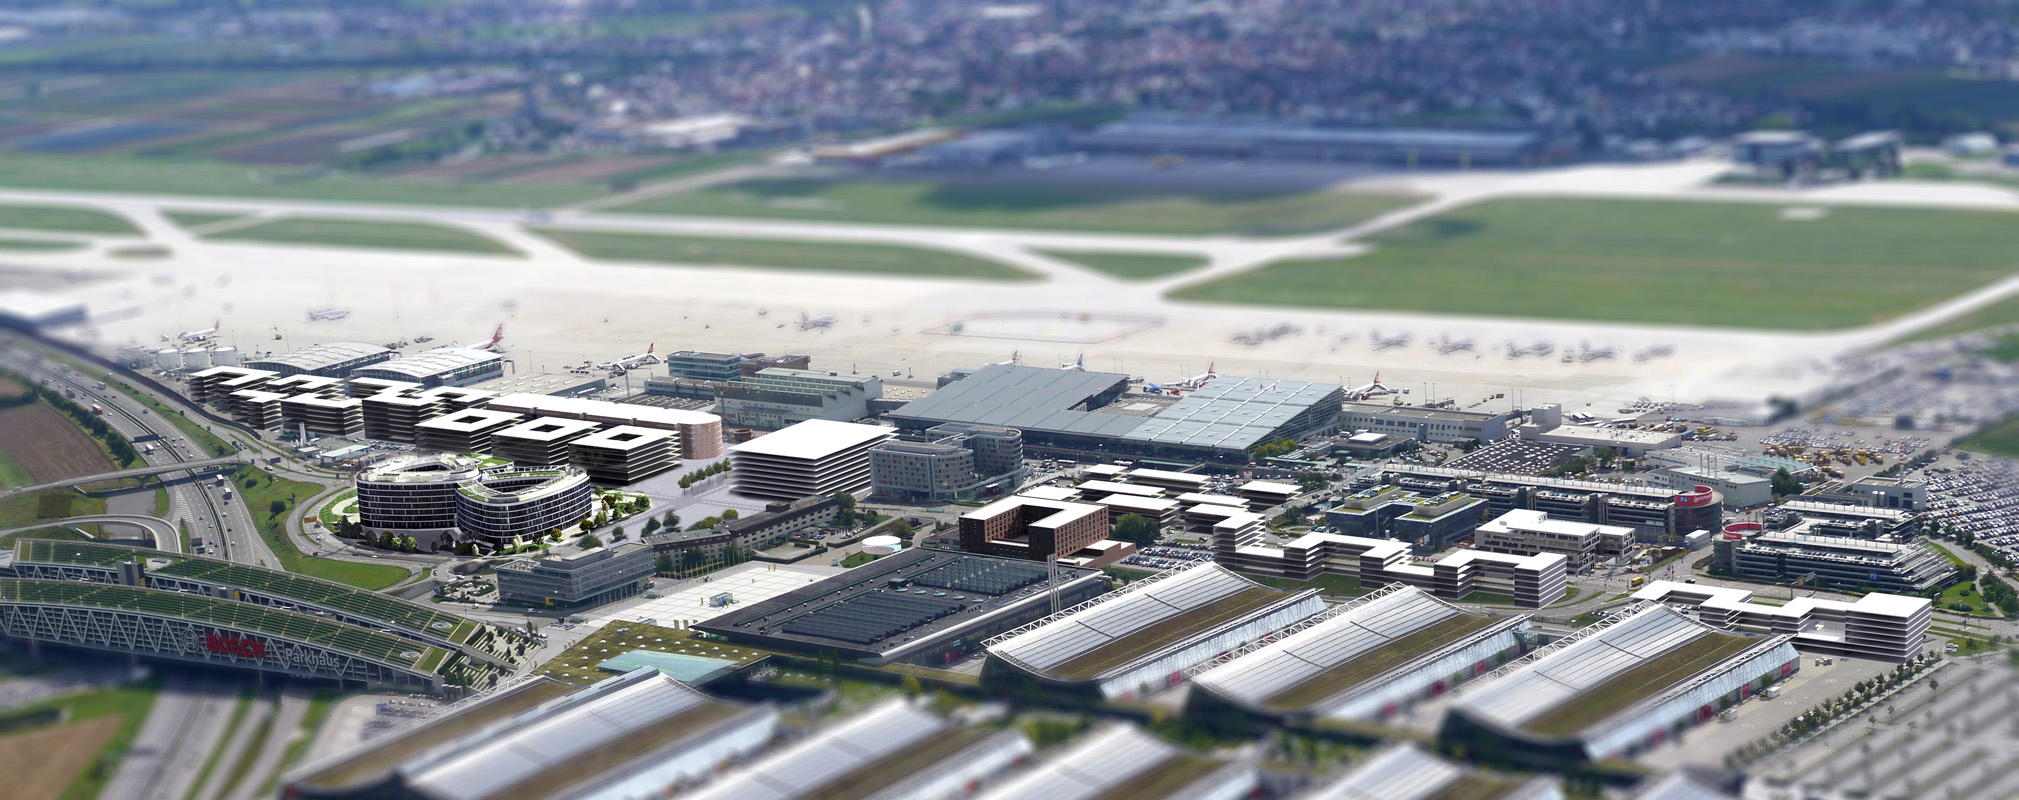 Flughafen Stuttgart Str Airport